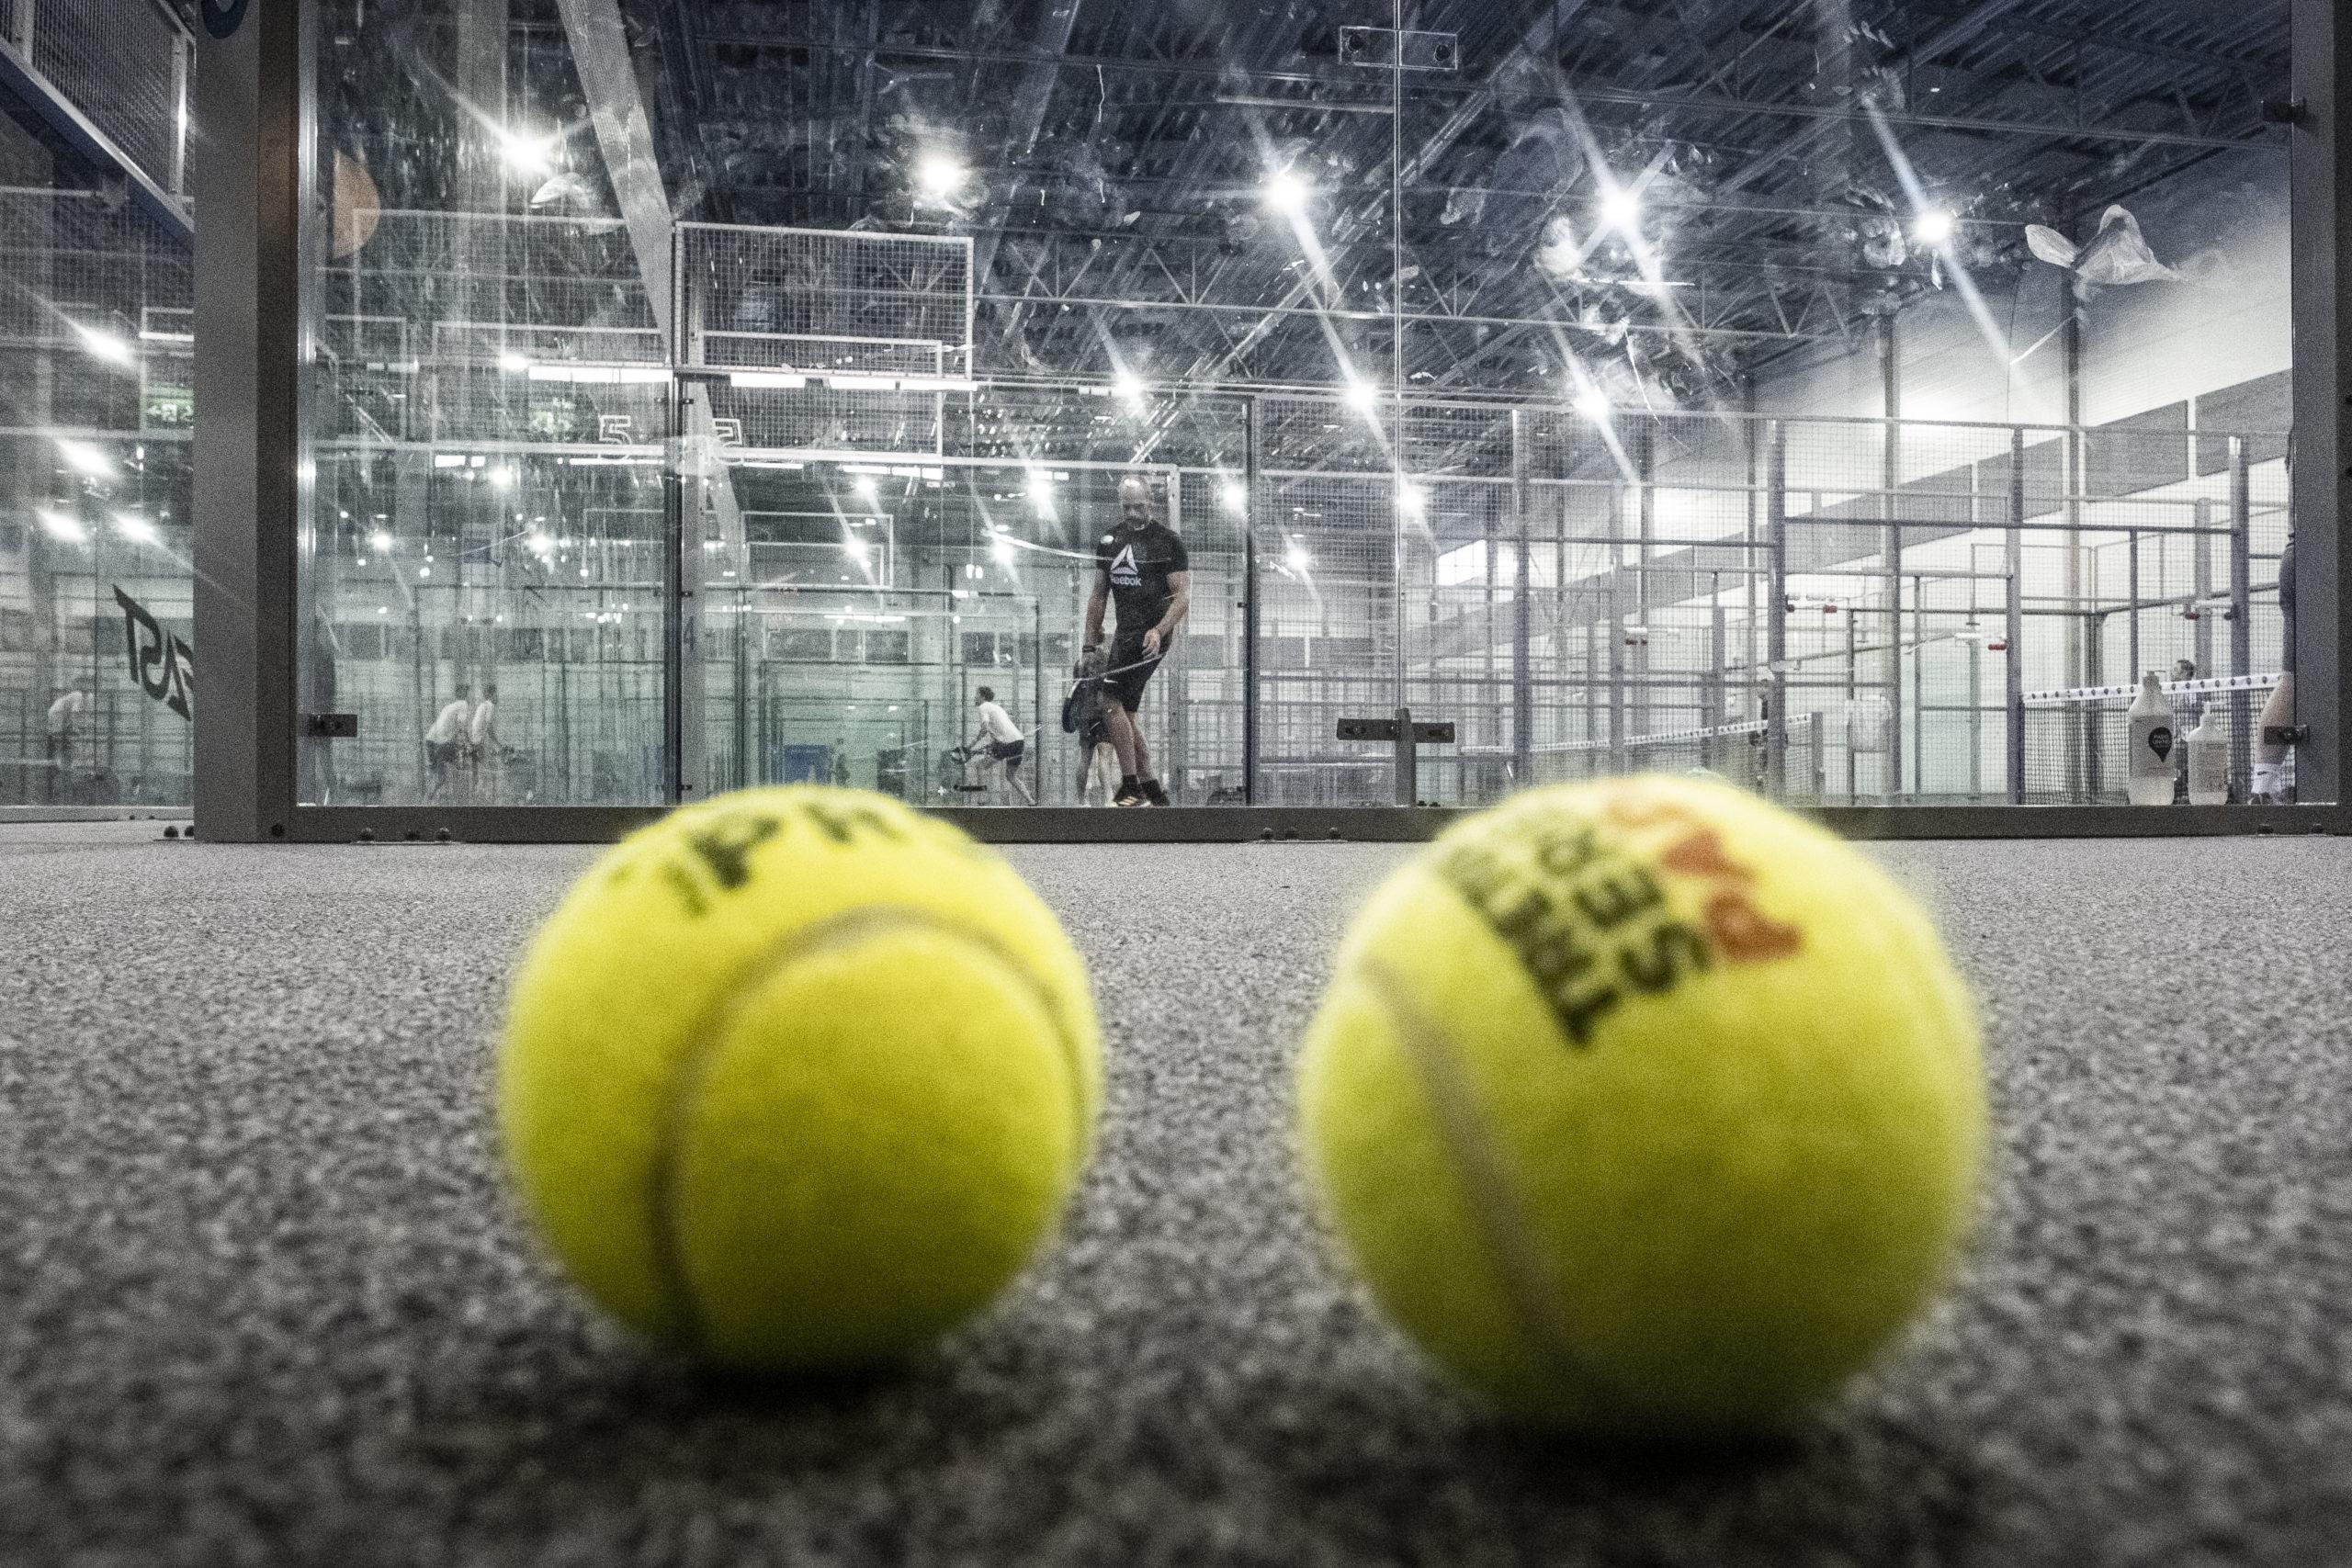 Två tennisbollar på golvet i en padelhall. Bakom syns en man som spelar.